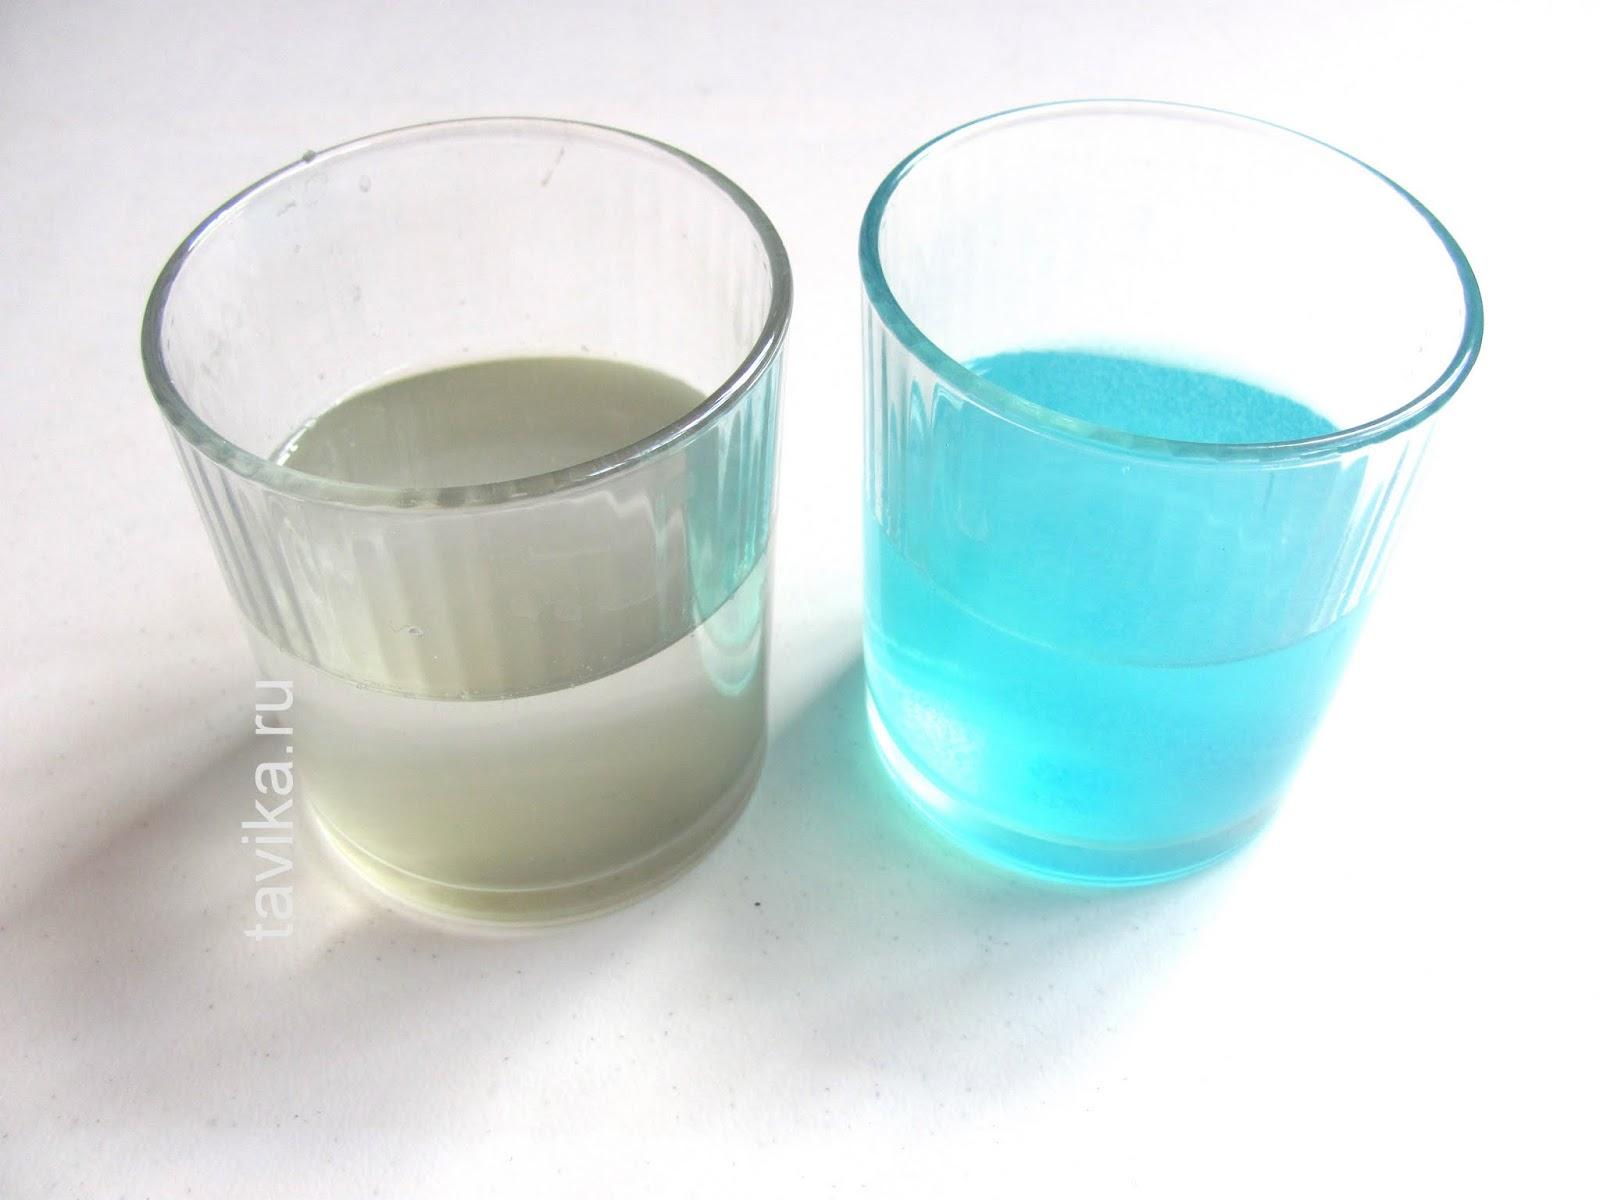 опыты по химии: соль и медный купорос